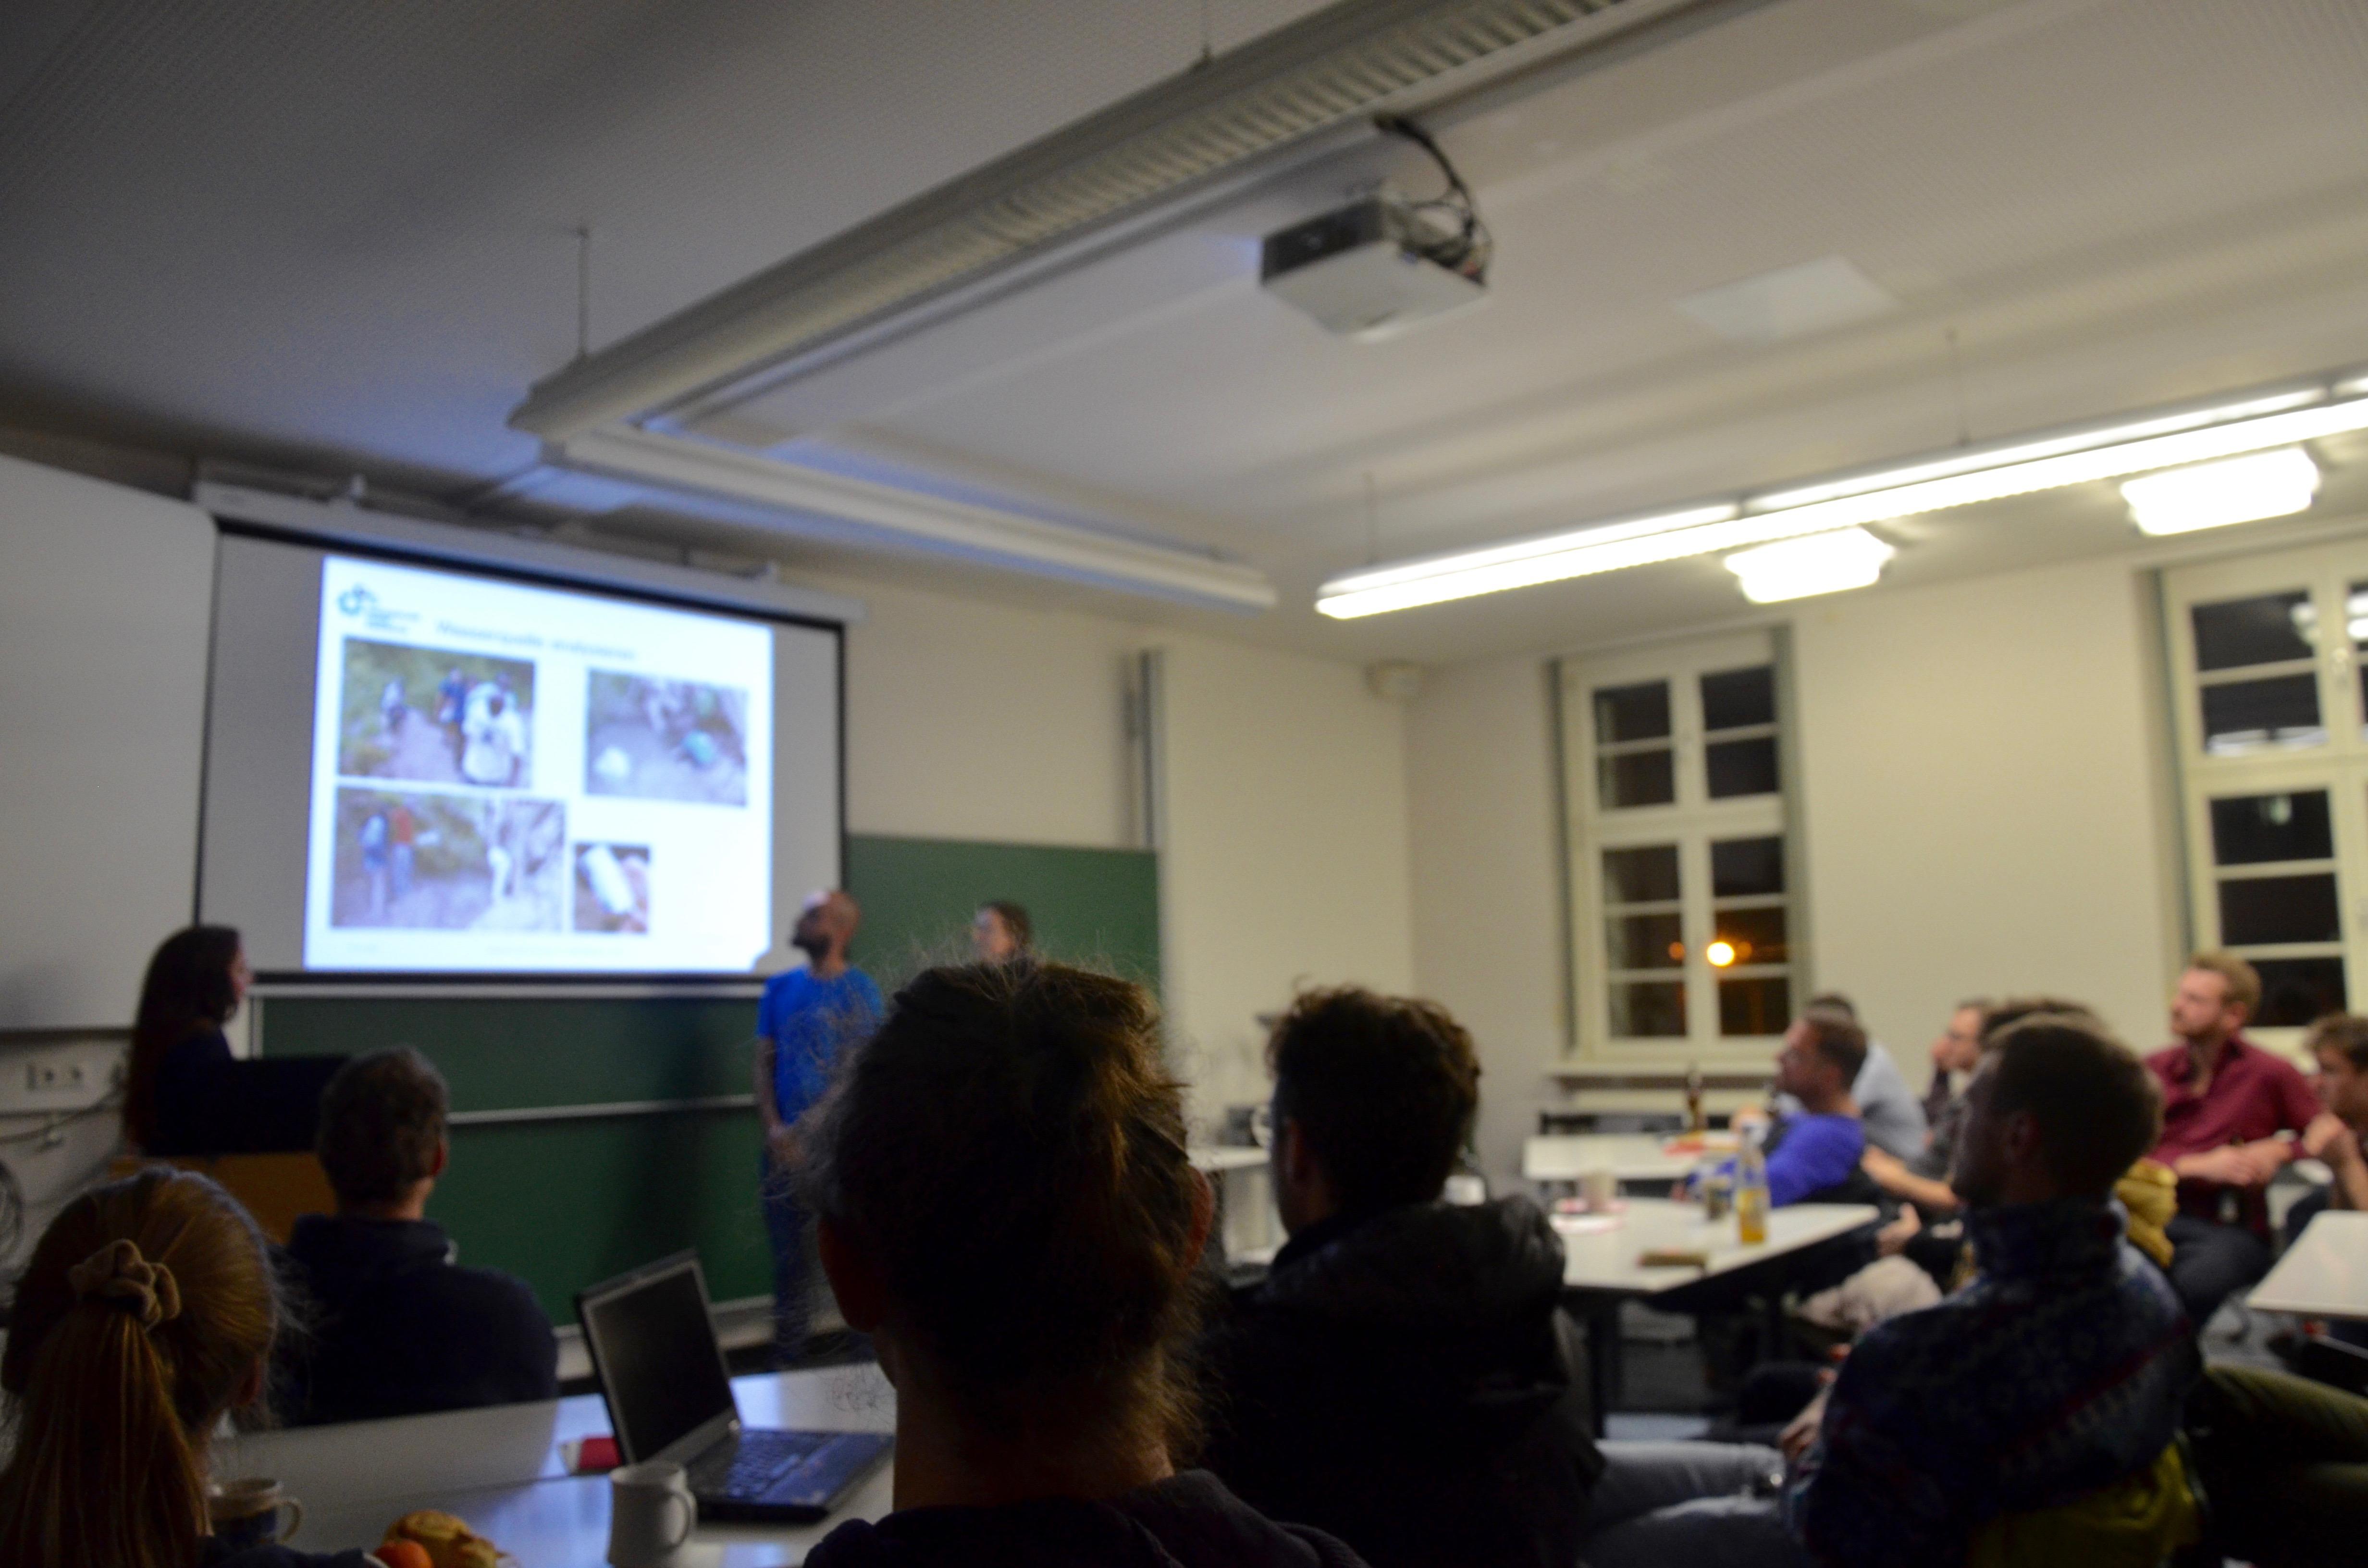 Das Bild zeigt einen im schwachen Neonröhrenlicht erleuchteten Seminarraum. Drei Personen von Ingenieure ohne Grenzen Leipzig zeigen im Hintergrund eine Bildschirmpräsentation. Im Vordergrund sind die Hinterköpfe von Menschen zu sehen, die ihnen zuhören.